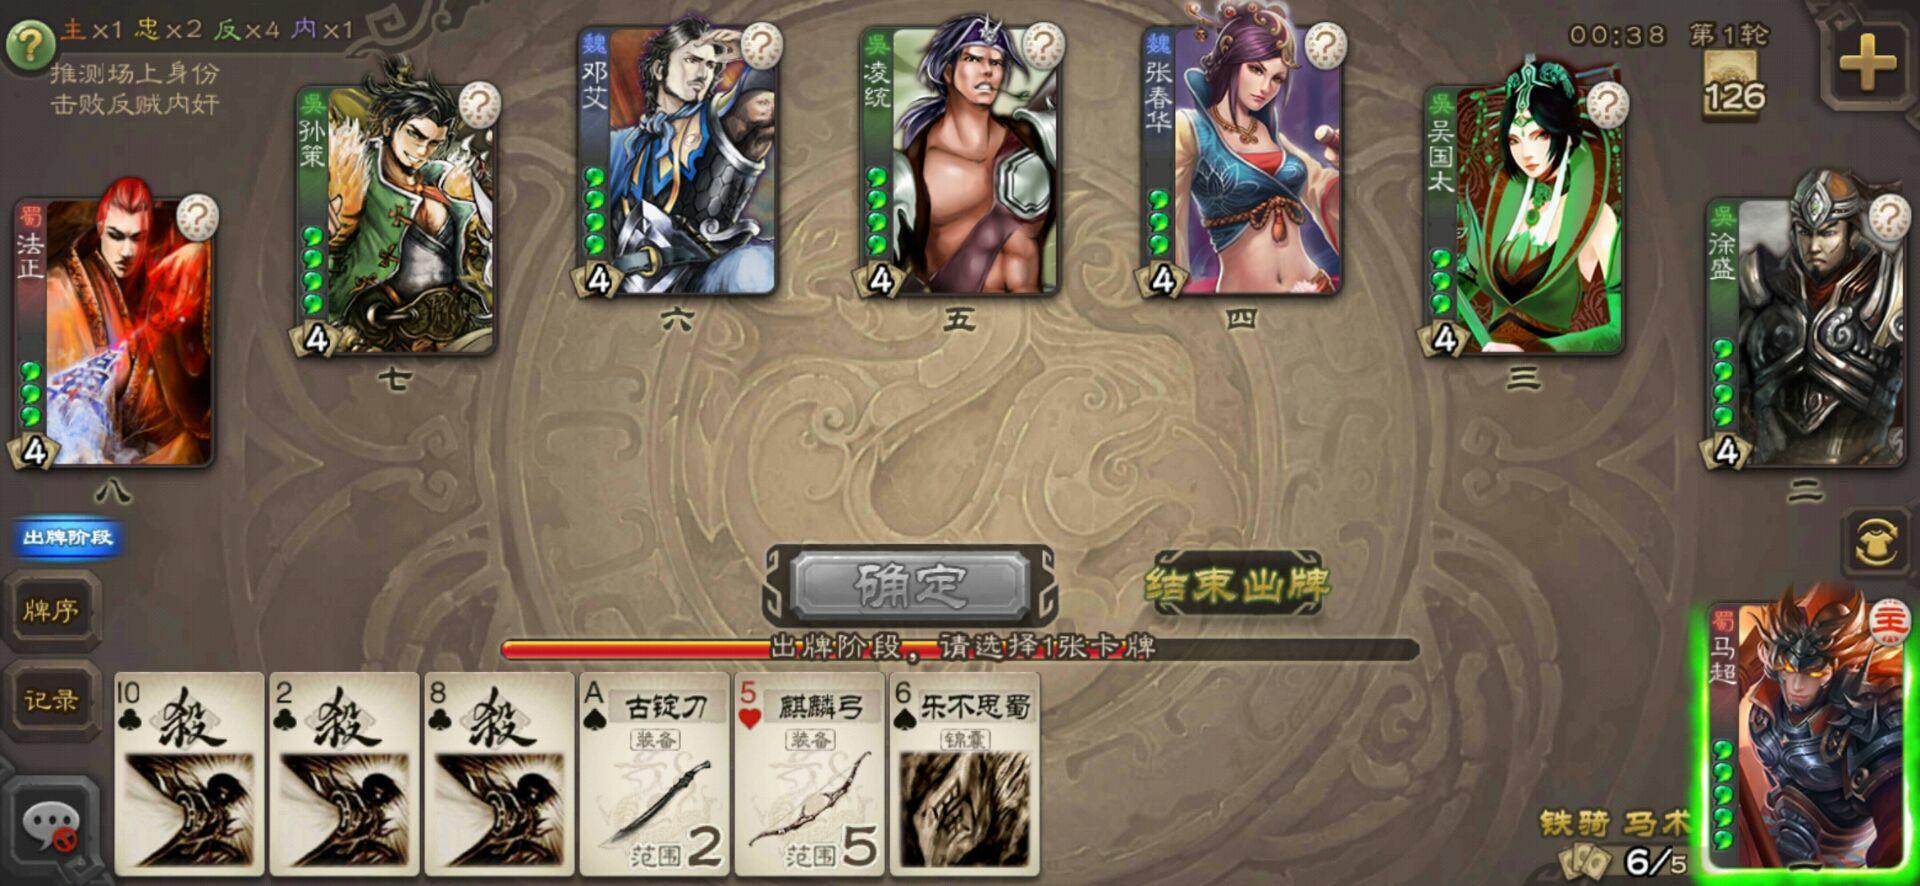 三国杀单机版破解版7.0游戏截图